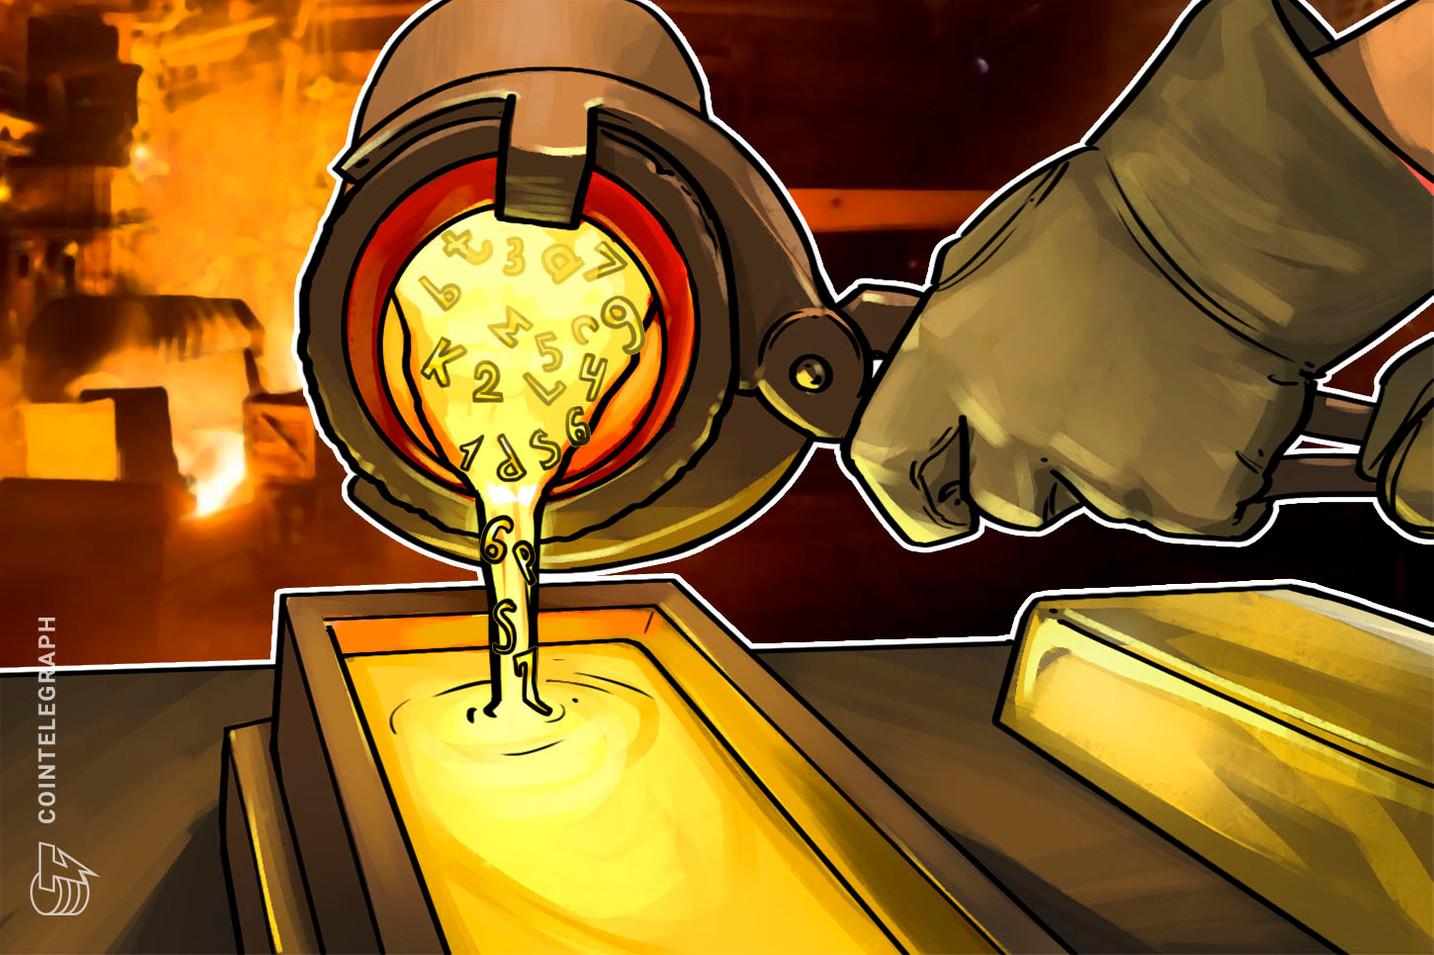 「ビットコイン投資家は金投資に鞍替え中」 米運用会社ヴァンエックのCEOが指摘